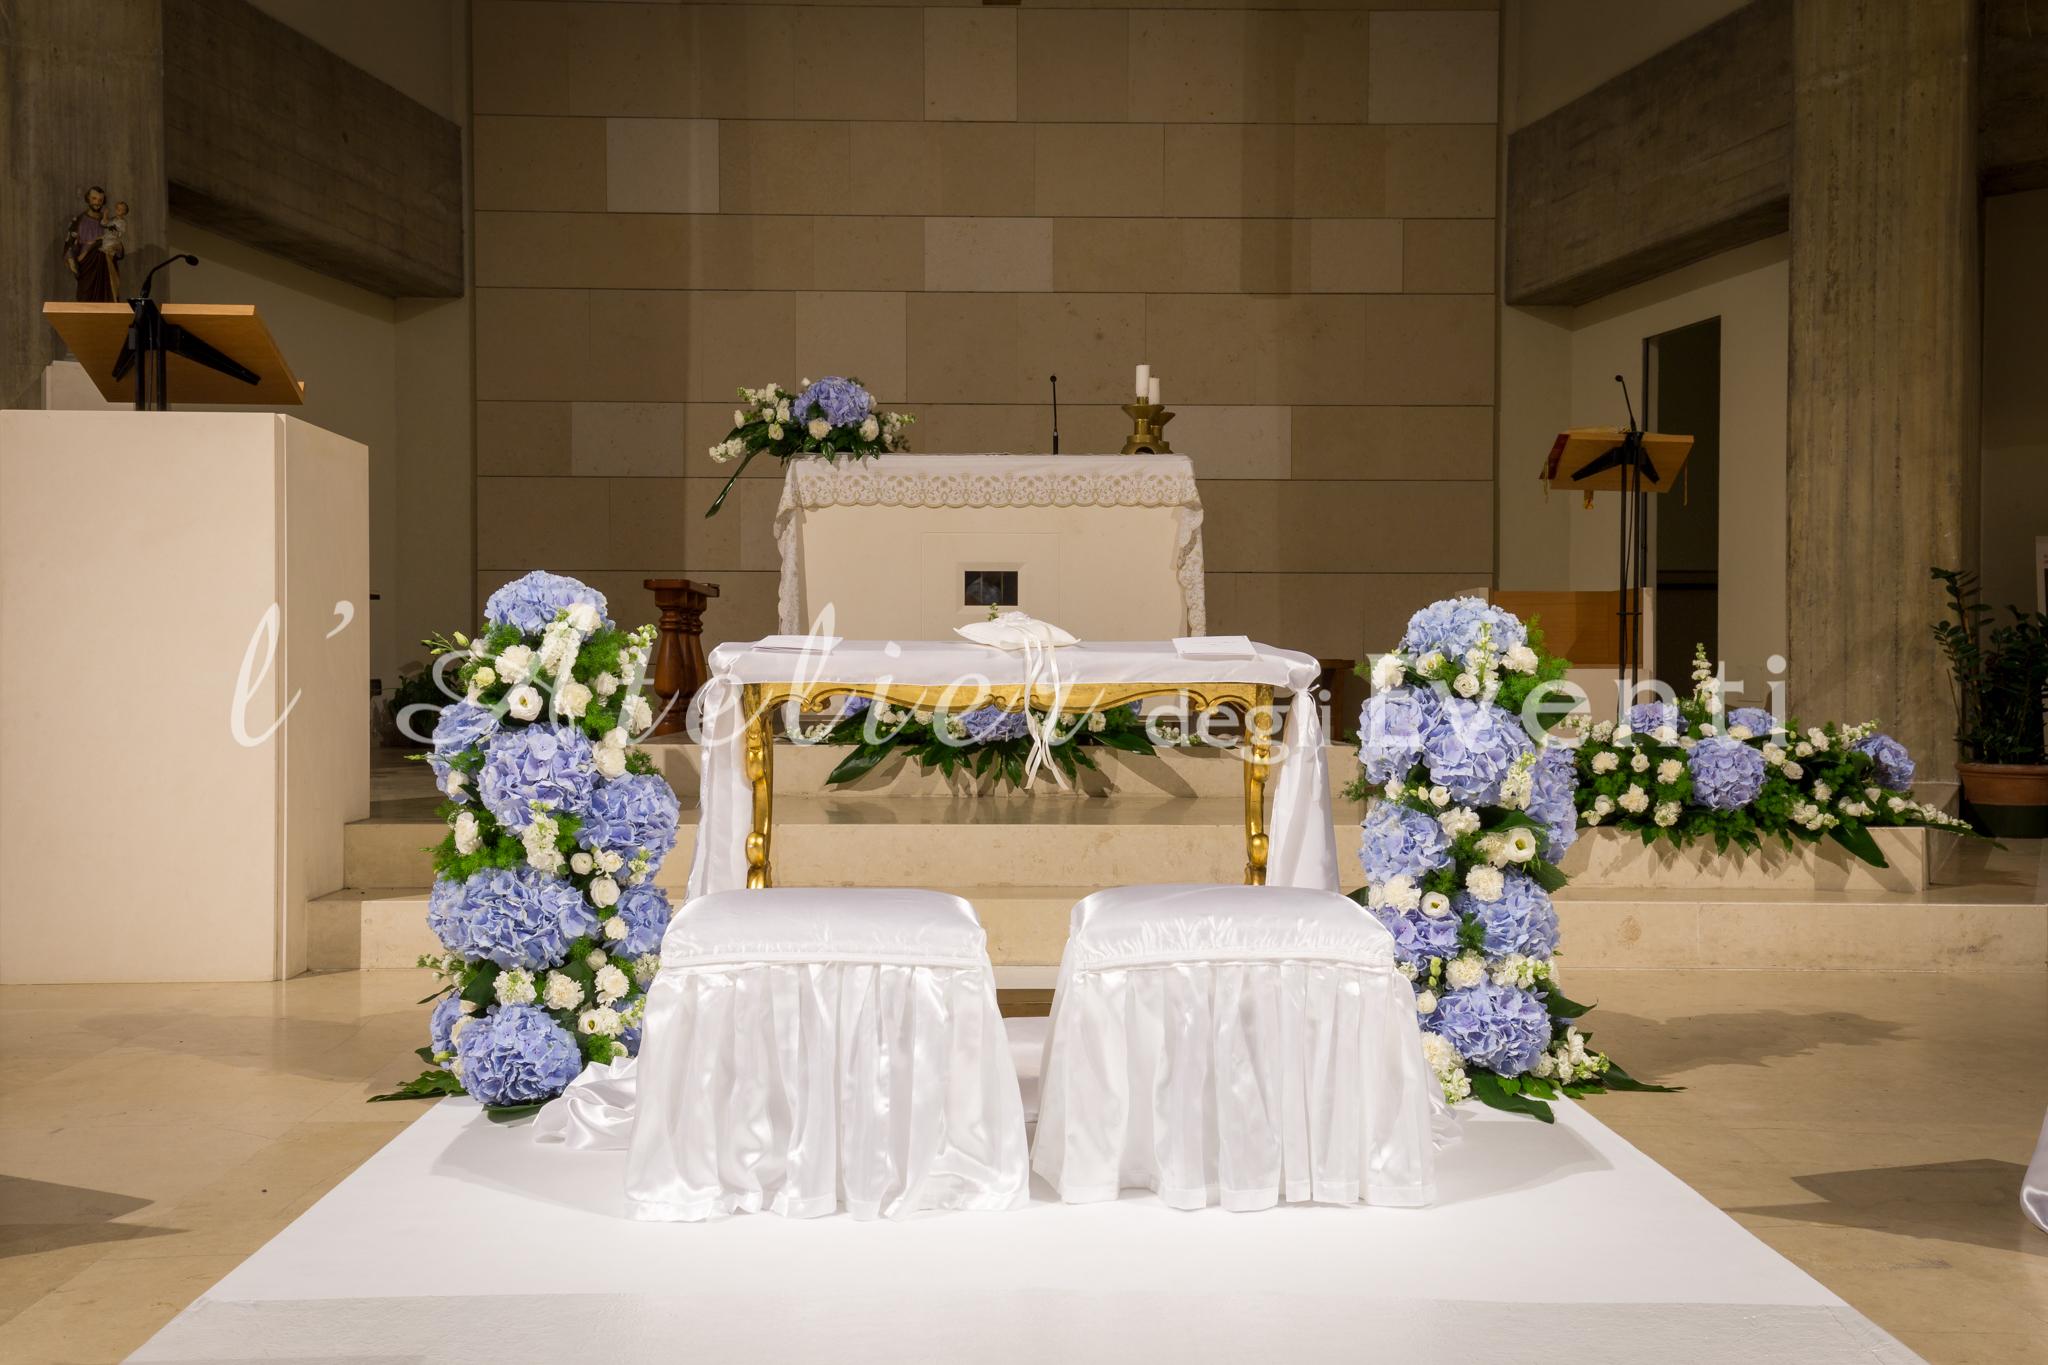 matrimonio-andrea-ilaria-pegli-28-maggio-2016-11